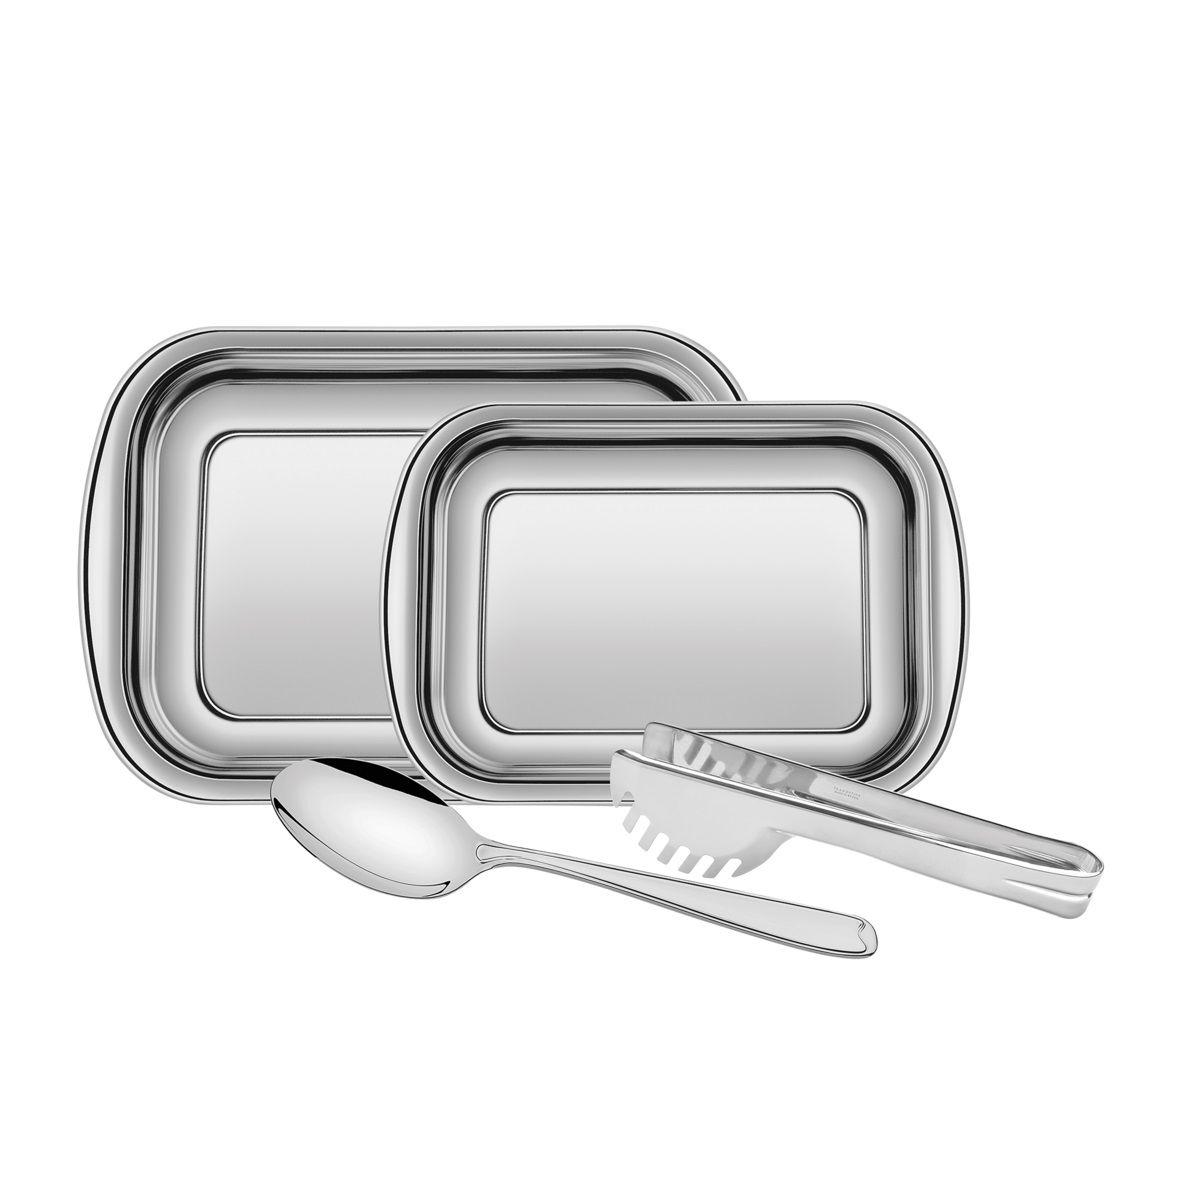 Kit para Assar e Servir Tramontina Cosmos em Aço Inox 64310250 - 4 Peças